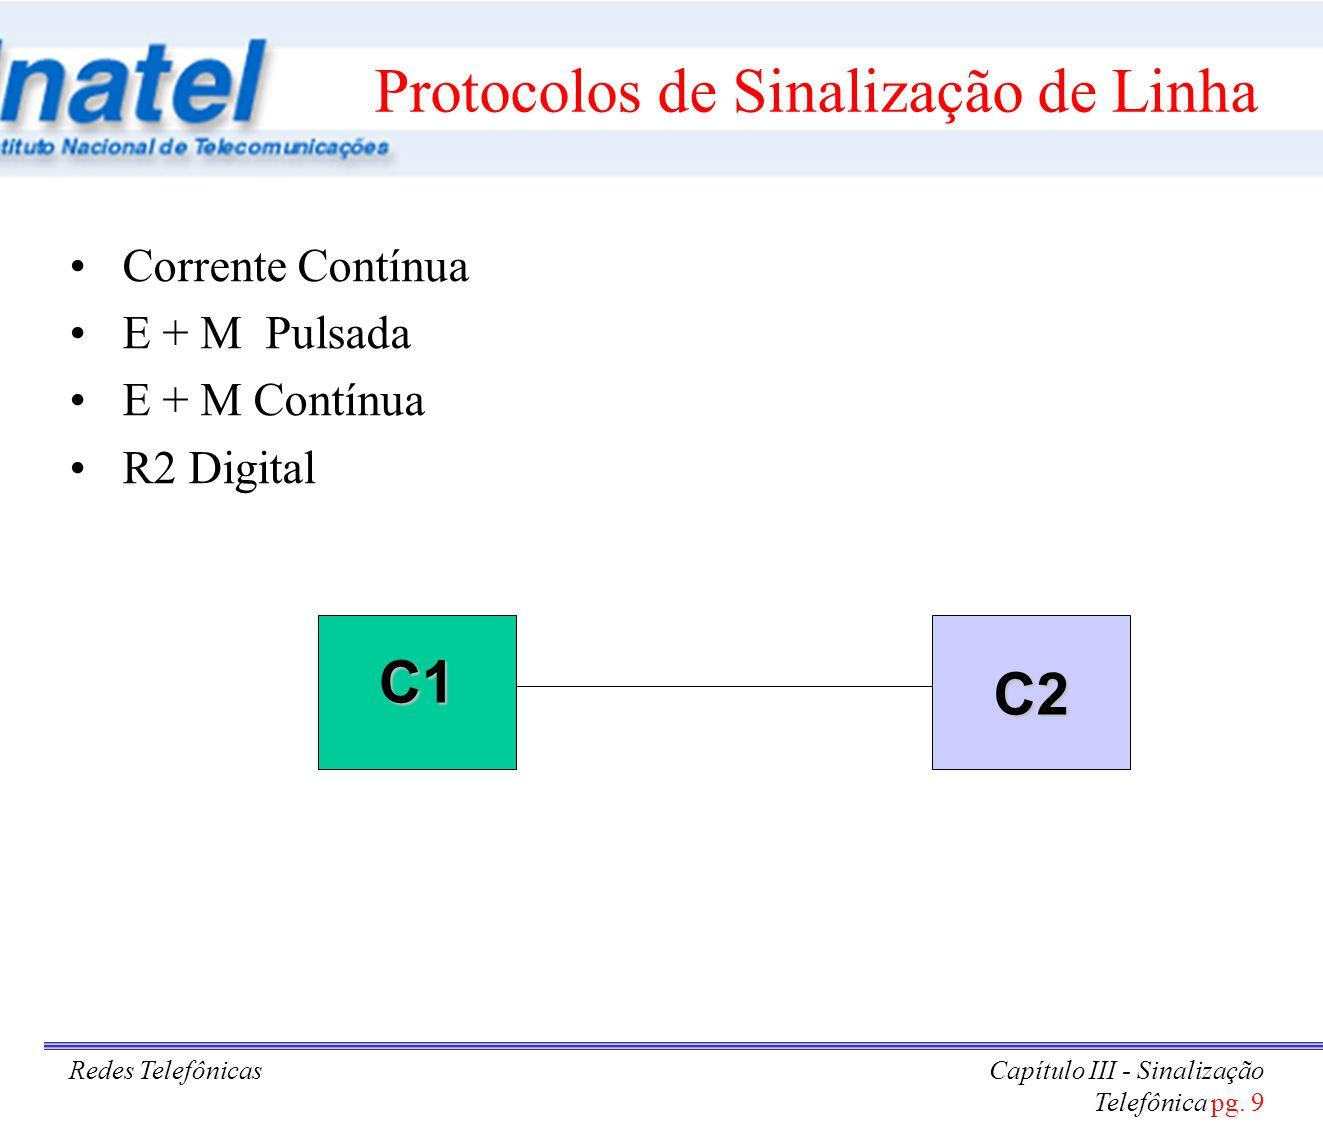 Redes TelefônicasCapítulo III - Sinalização Telefônica pg. 9 Protocolos de Sinalização de Linha Corrente Contínua E + M Pulsada E + M Contínua R2 Digi